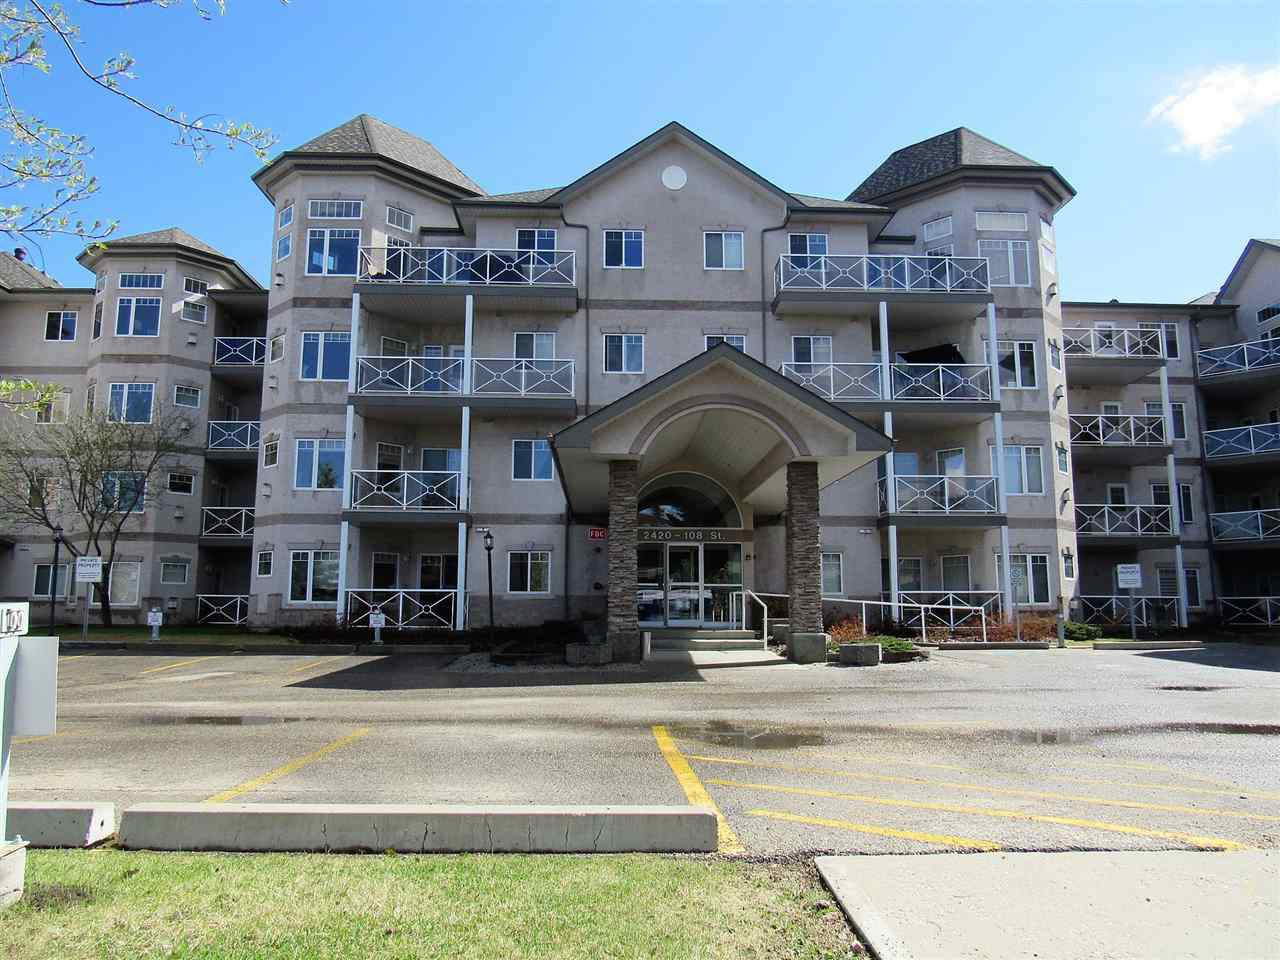 Main Photo: 303 2420 108 Street in Edmonton: Zone 16 Condo for sale : MLS®# E4196424